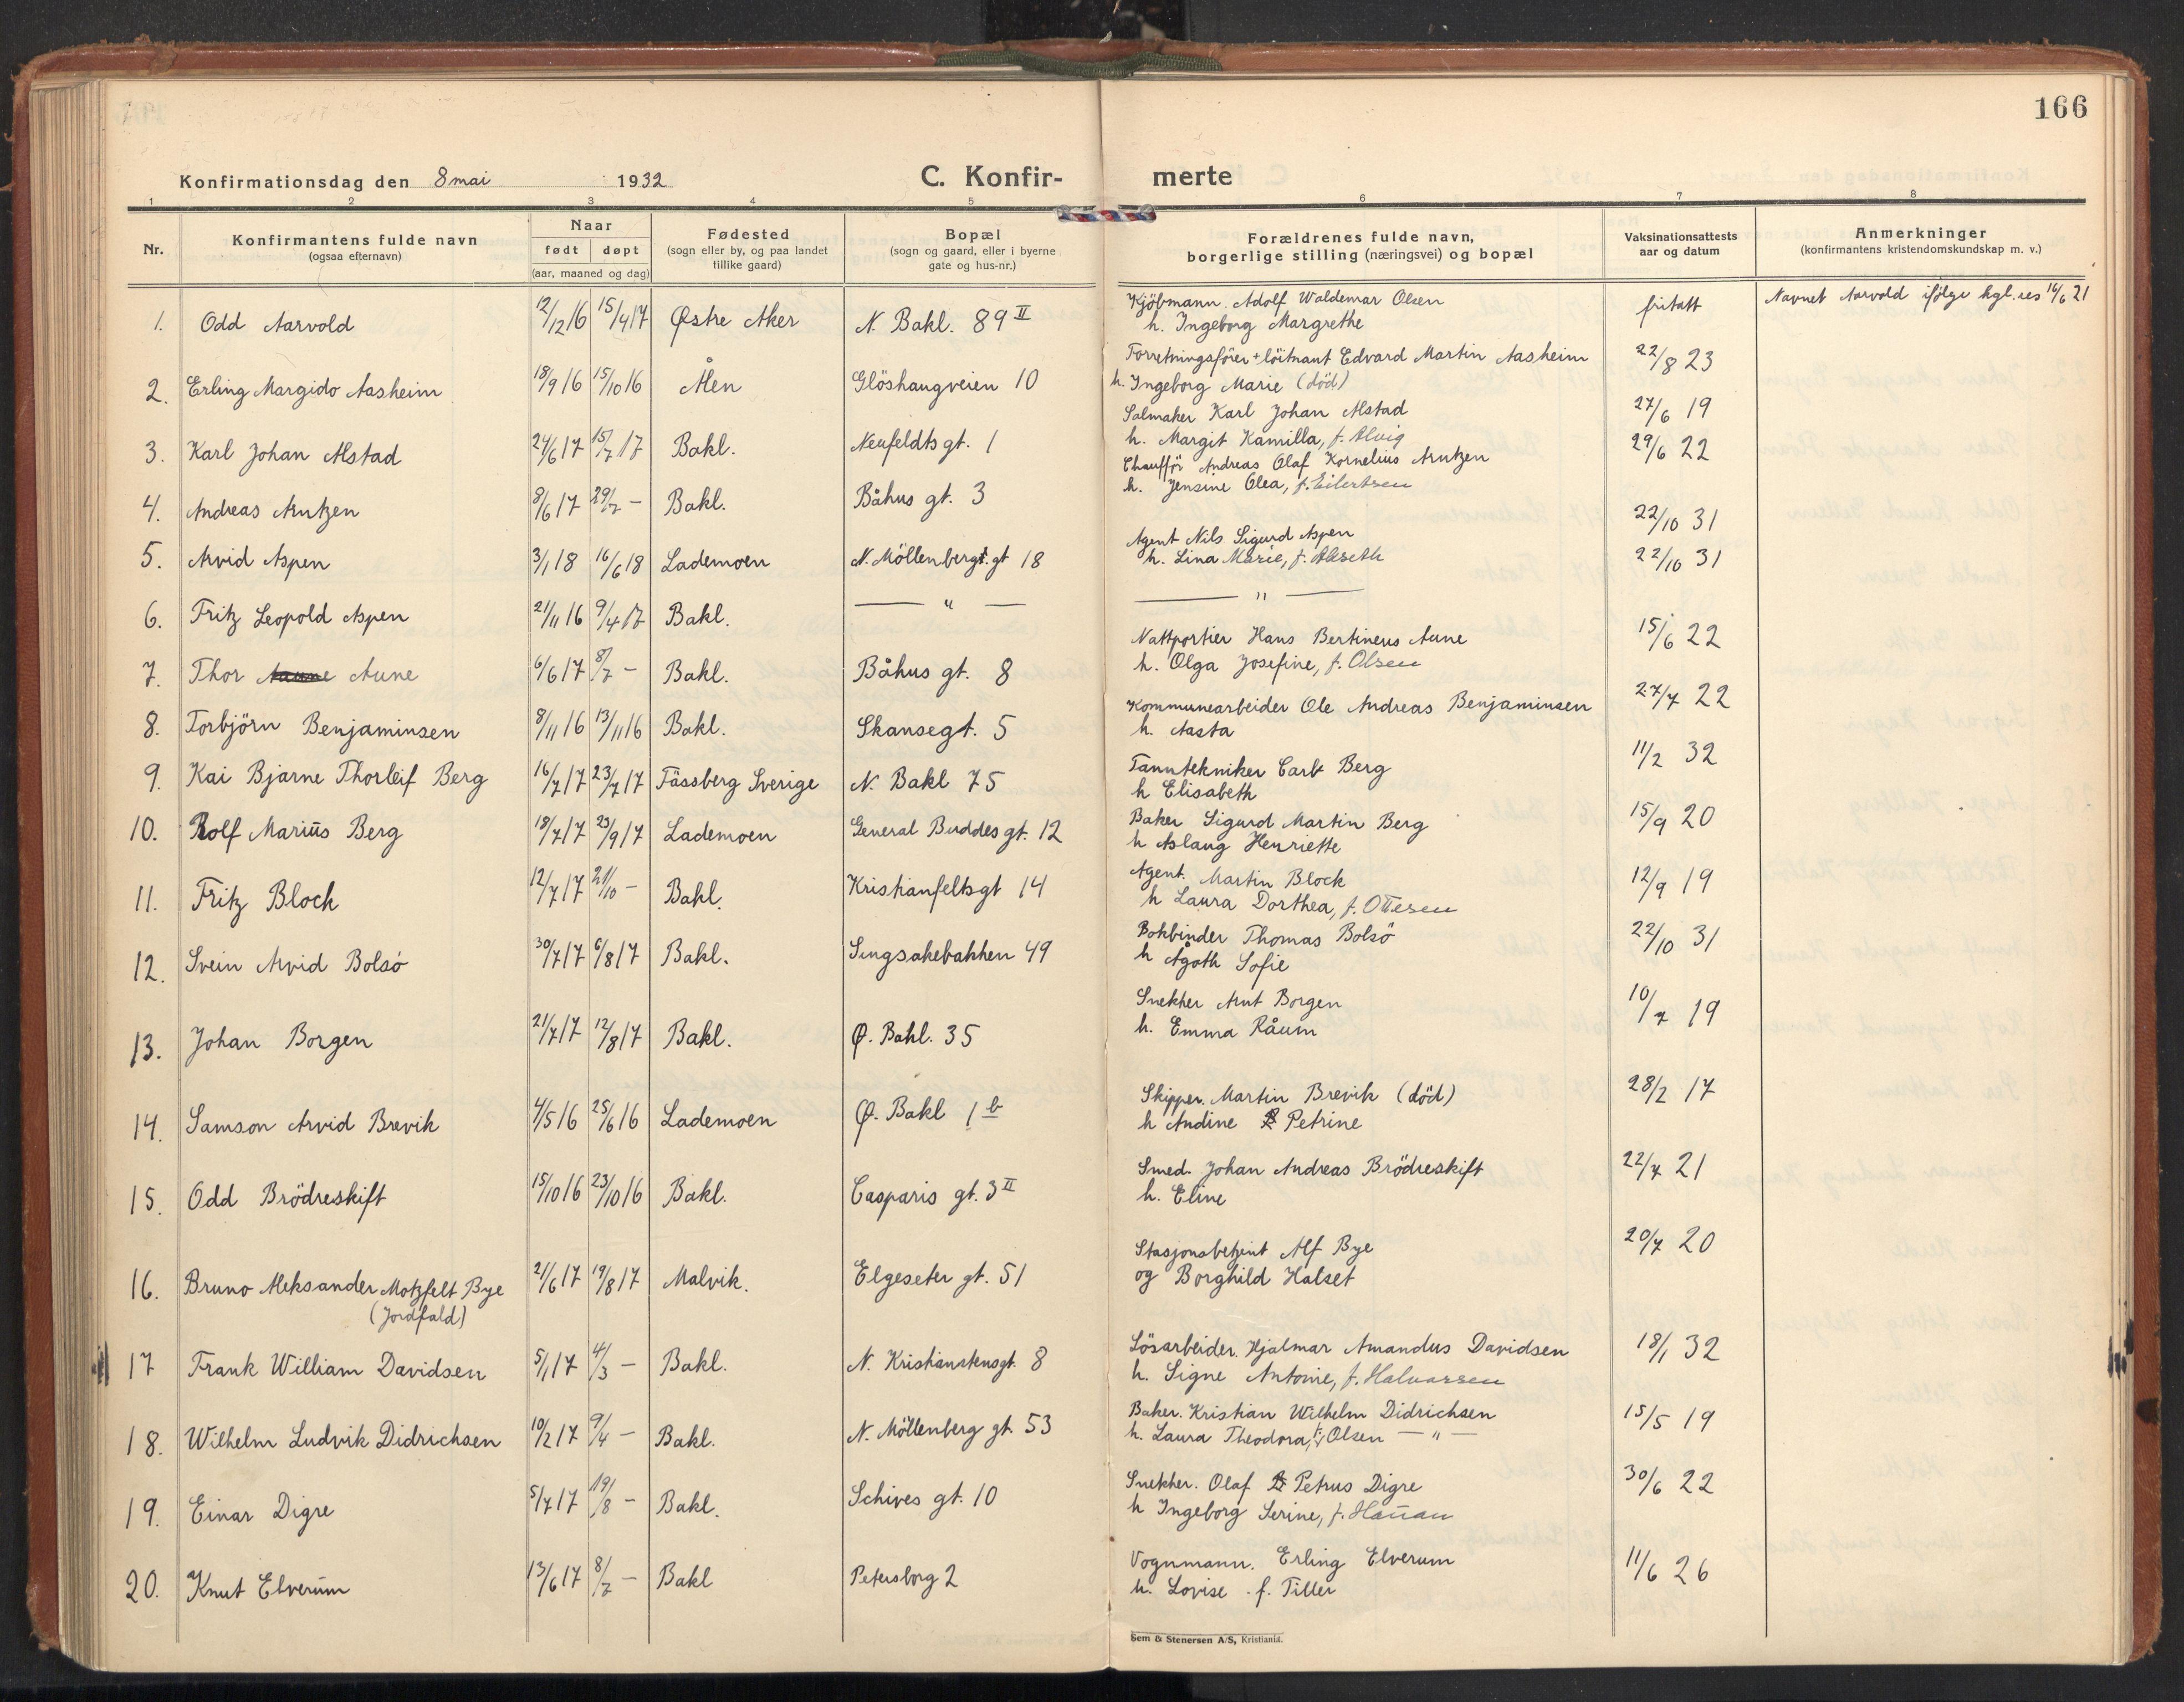 SAT, Ministerialprotokoller, klokkerbøker og fødselsregistre - Sør-Trøndelag, 604/L0208: Ministerialbok nr. 604A28, 1923-1937, s. 166